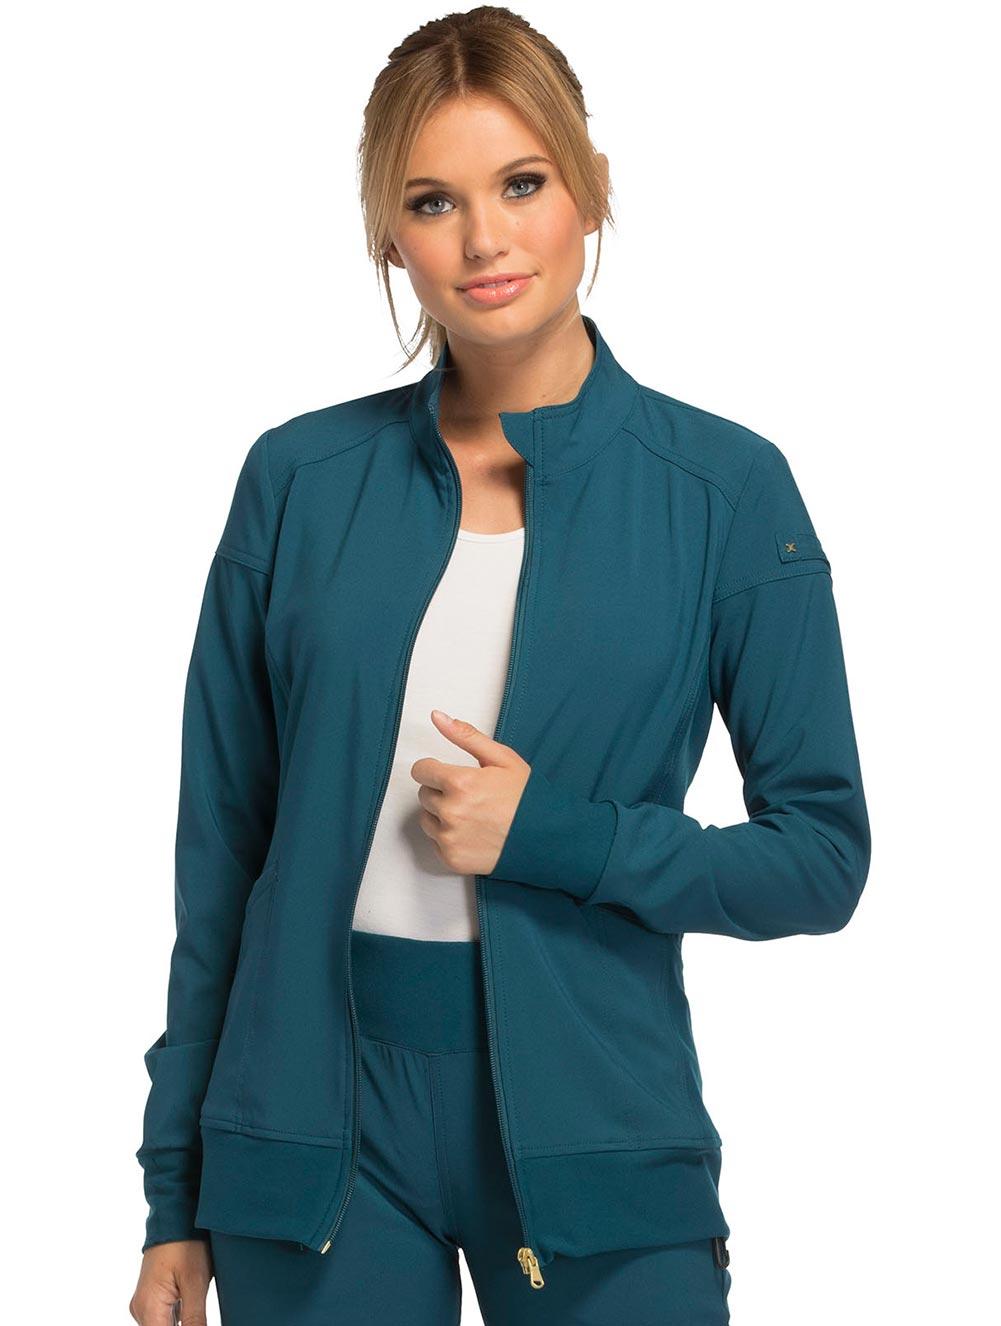 'iflex' Zip Front Warm-Up Jacket